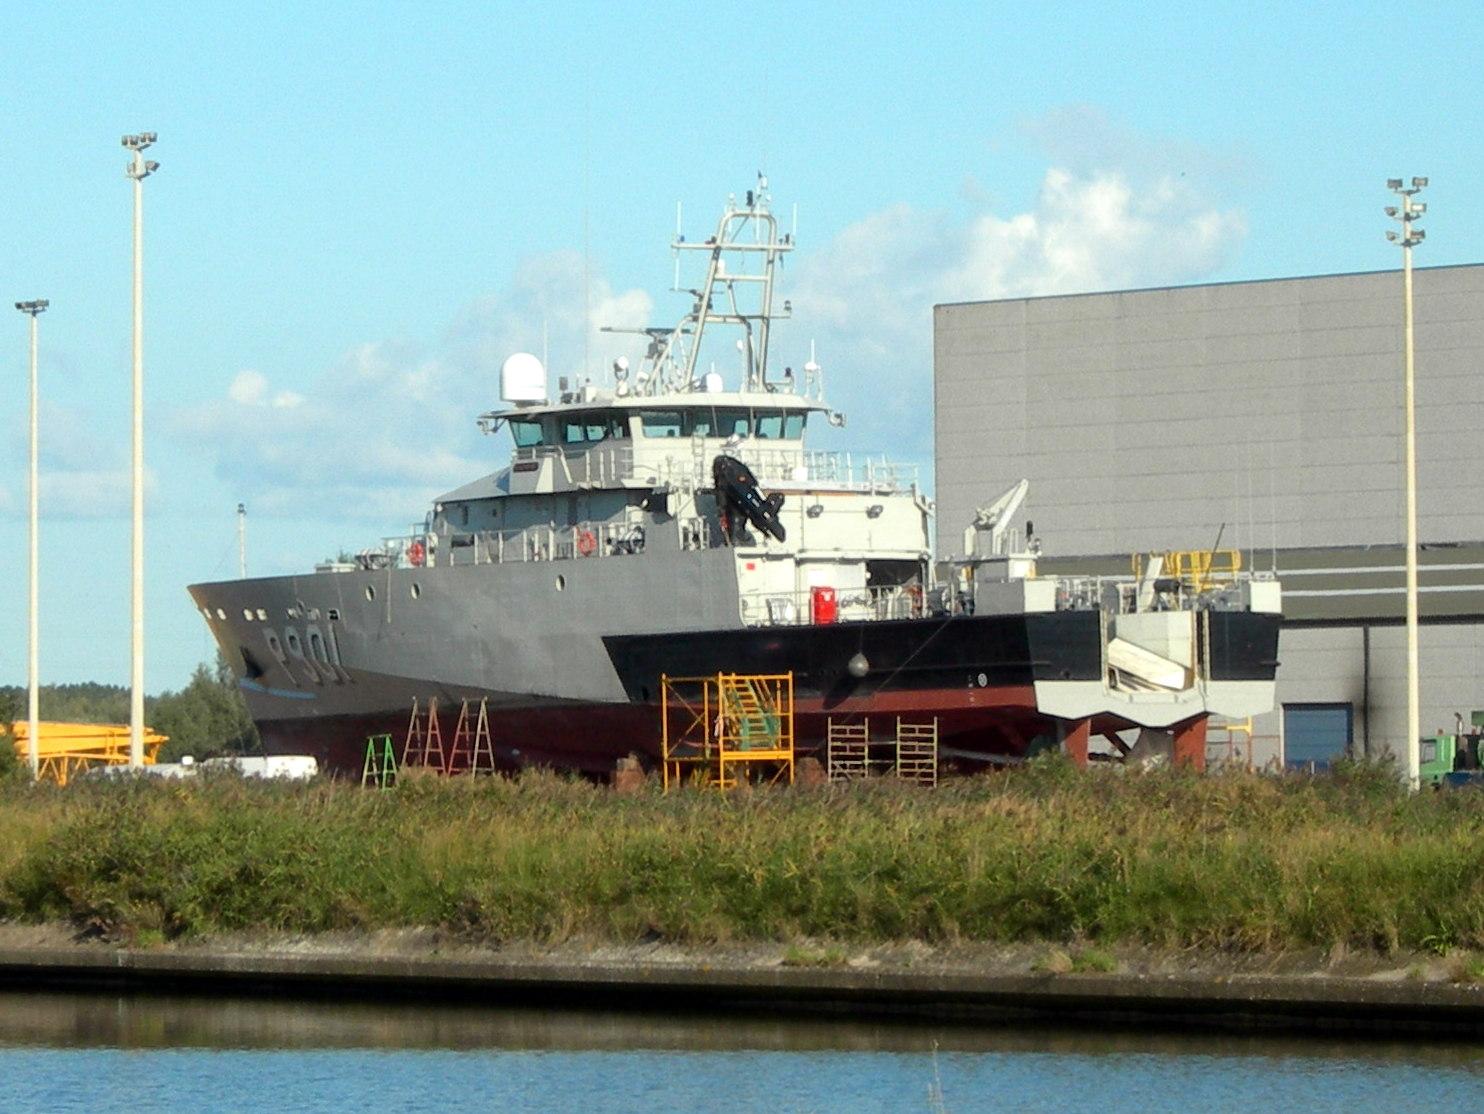 Le P901 CASTOR en cale sèche à Ostende 2329895